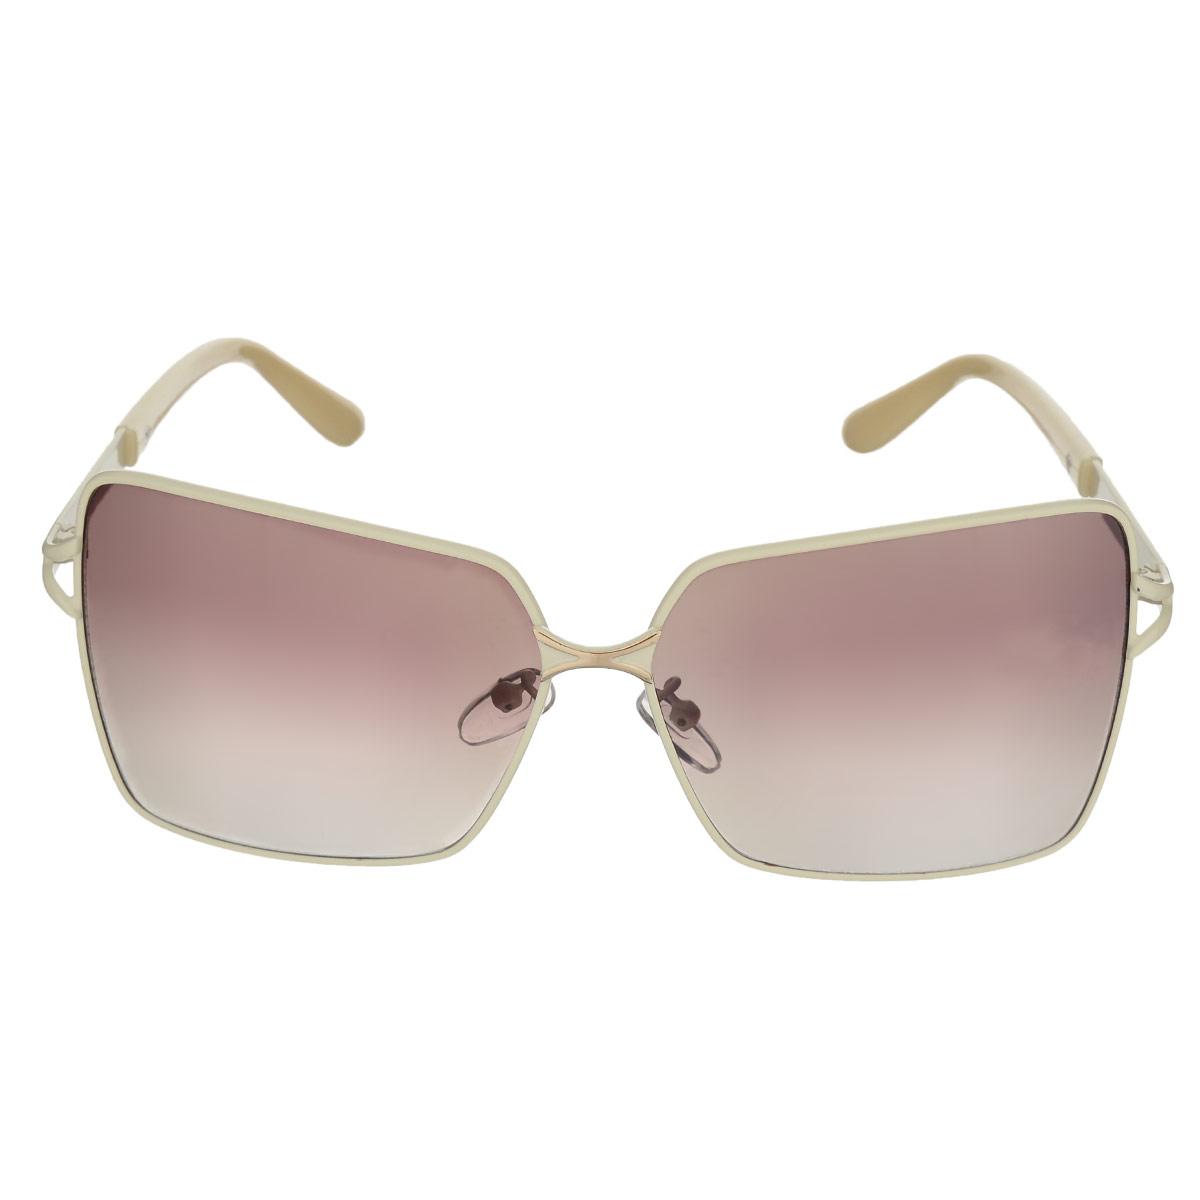 Солнцезащитные очки женские Selena, цвет: слоновая кость. 8002481180024811Солнцезащитные женские очки Selena, выполненные с линзами из высококачественного пластика PC с зеркальным эффектом fresh mirror. Используемый пластик не искажает изображение, не подвержен нагреванию и вредному воздействию солнечных лучей. Линзы данных очков с высокоэффективным UV-фильтром обеспечивают полную защиту от ультрафиолетовых лучей. Металлическая оправа очков легкая, прилегающей формы и поэтому не создает никакого дискомфорта. Такие очки защитят глаза от ультрафиолетовых лучей, подчеркнут вашу индивидуальность и сделают ваш образ завершенным.